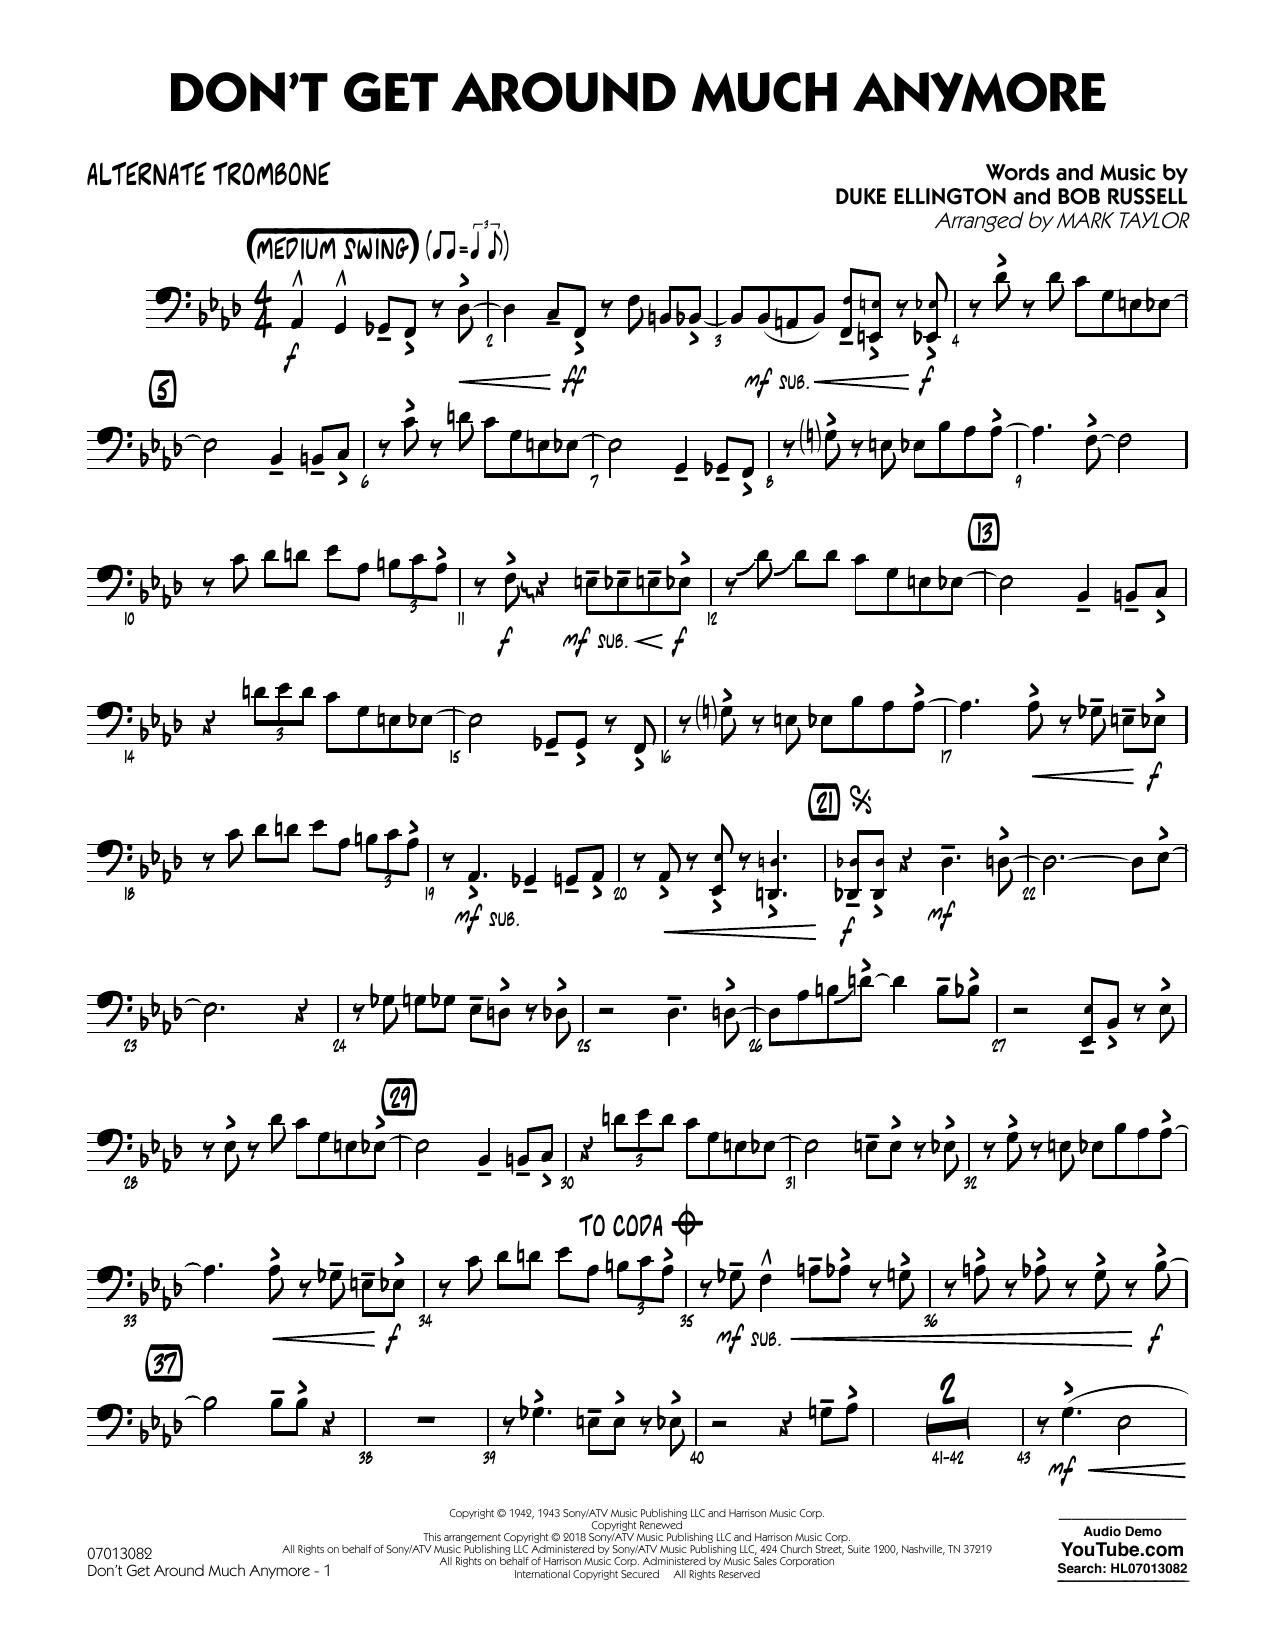 Don't Get Around Much Anymore - Alternate Trombone (Jazz Ensemble)